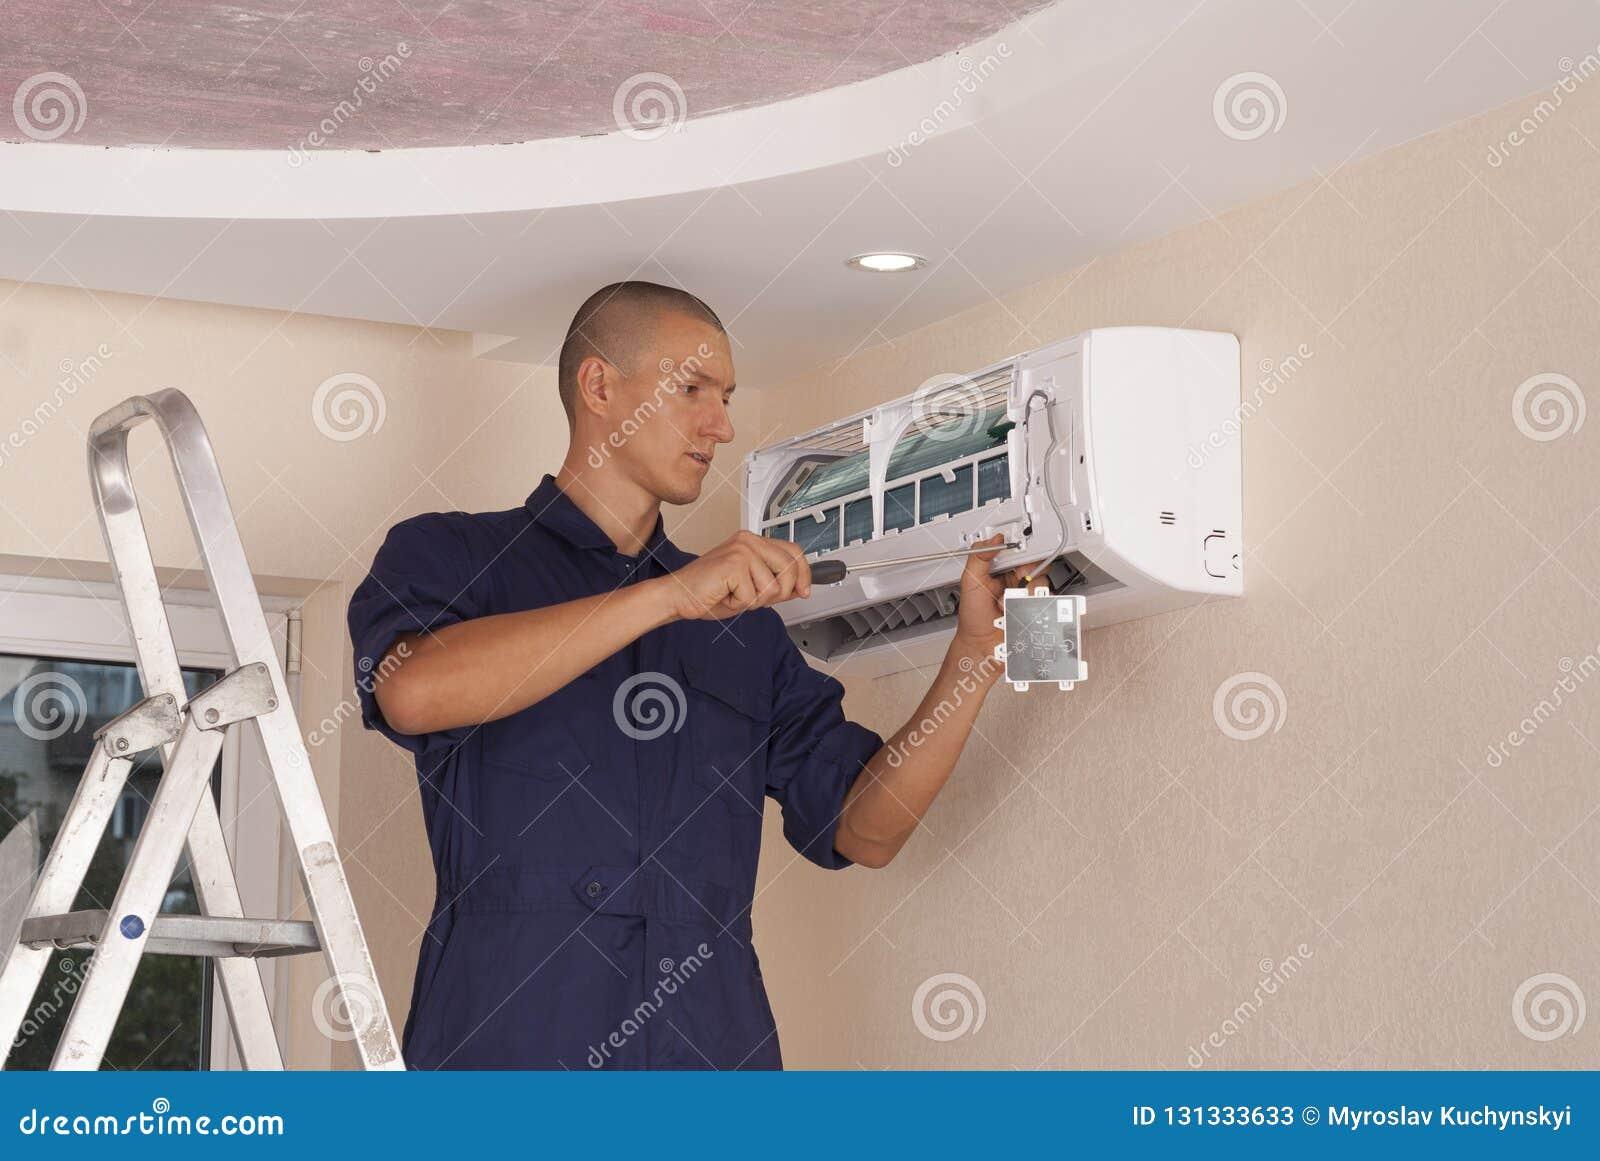 Installation und Reparatur der Klimaanlage